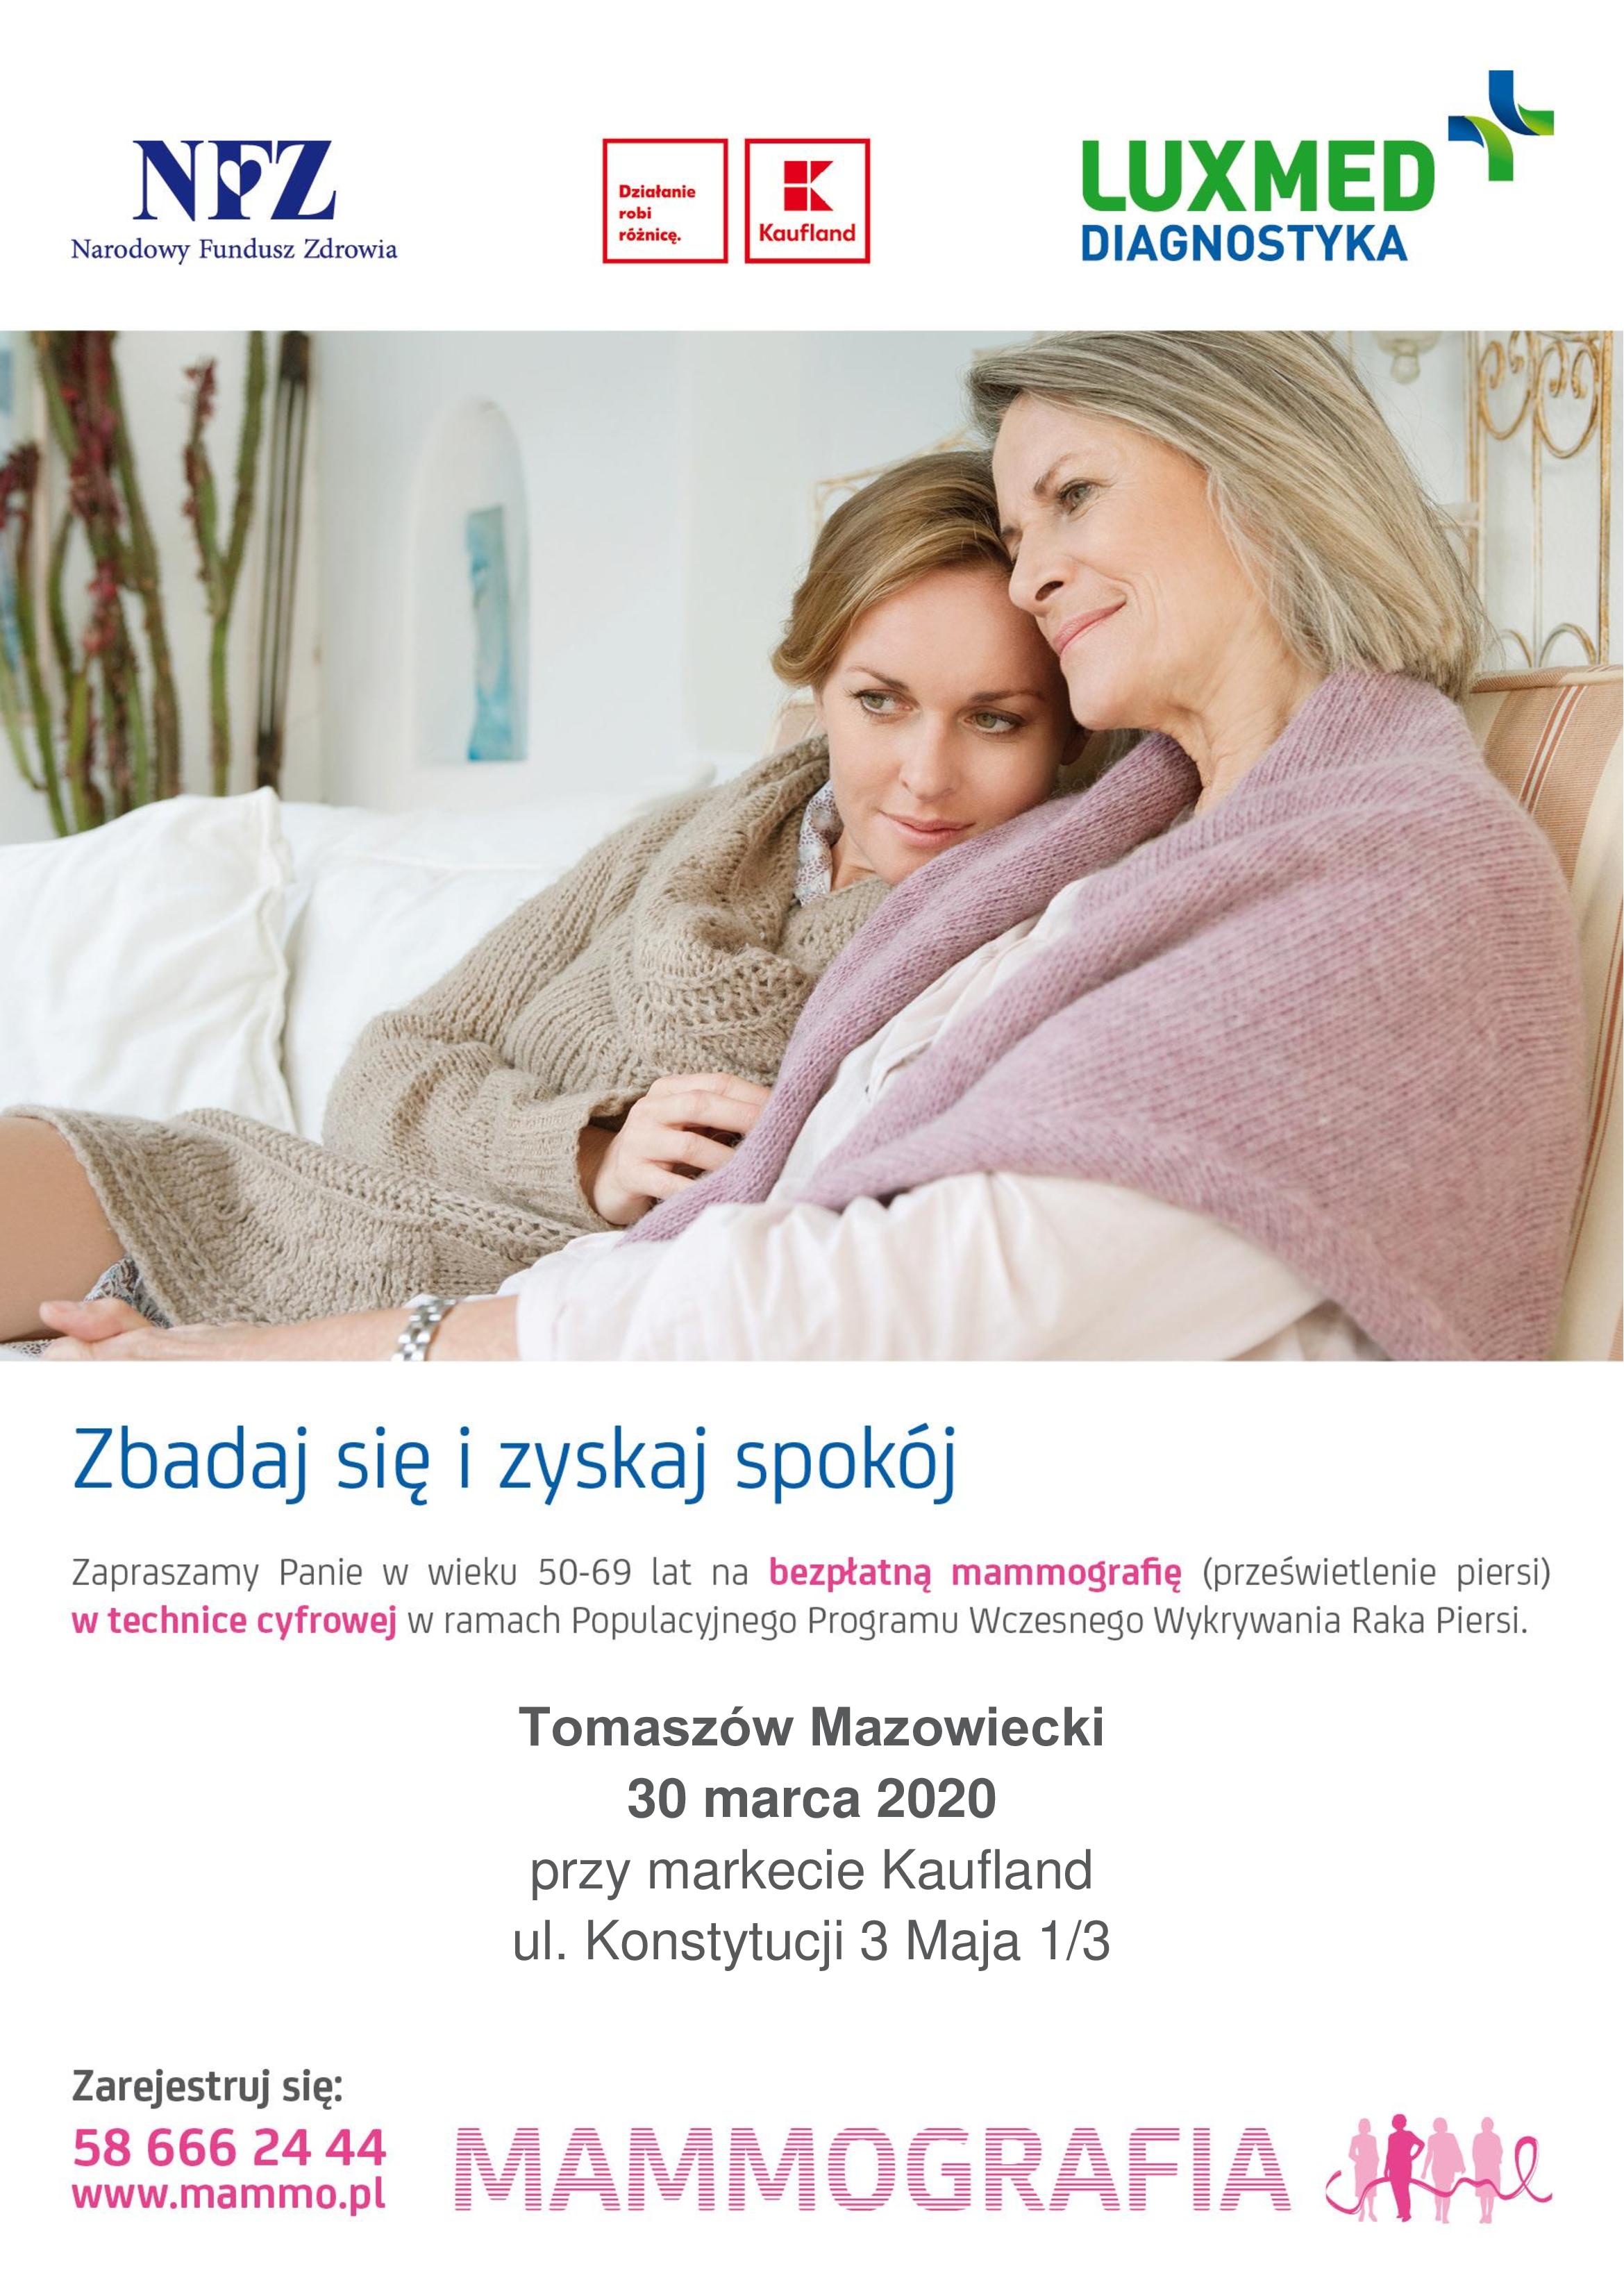 mammografia marzec 2020